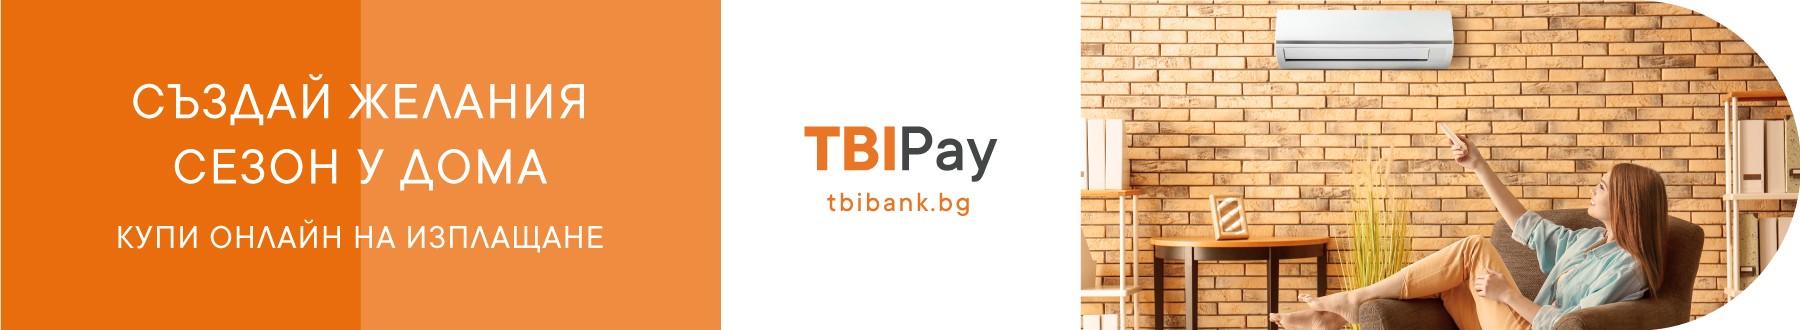 tbi-pay